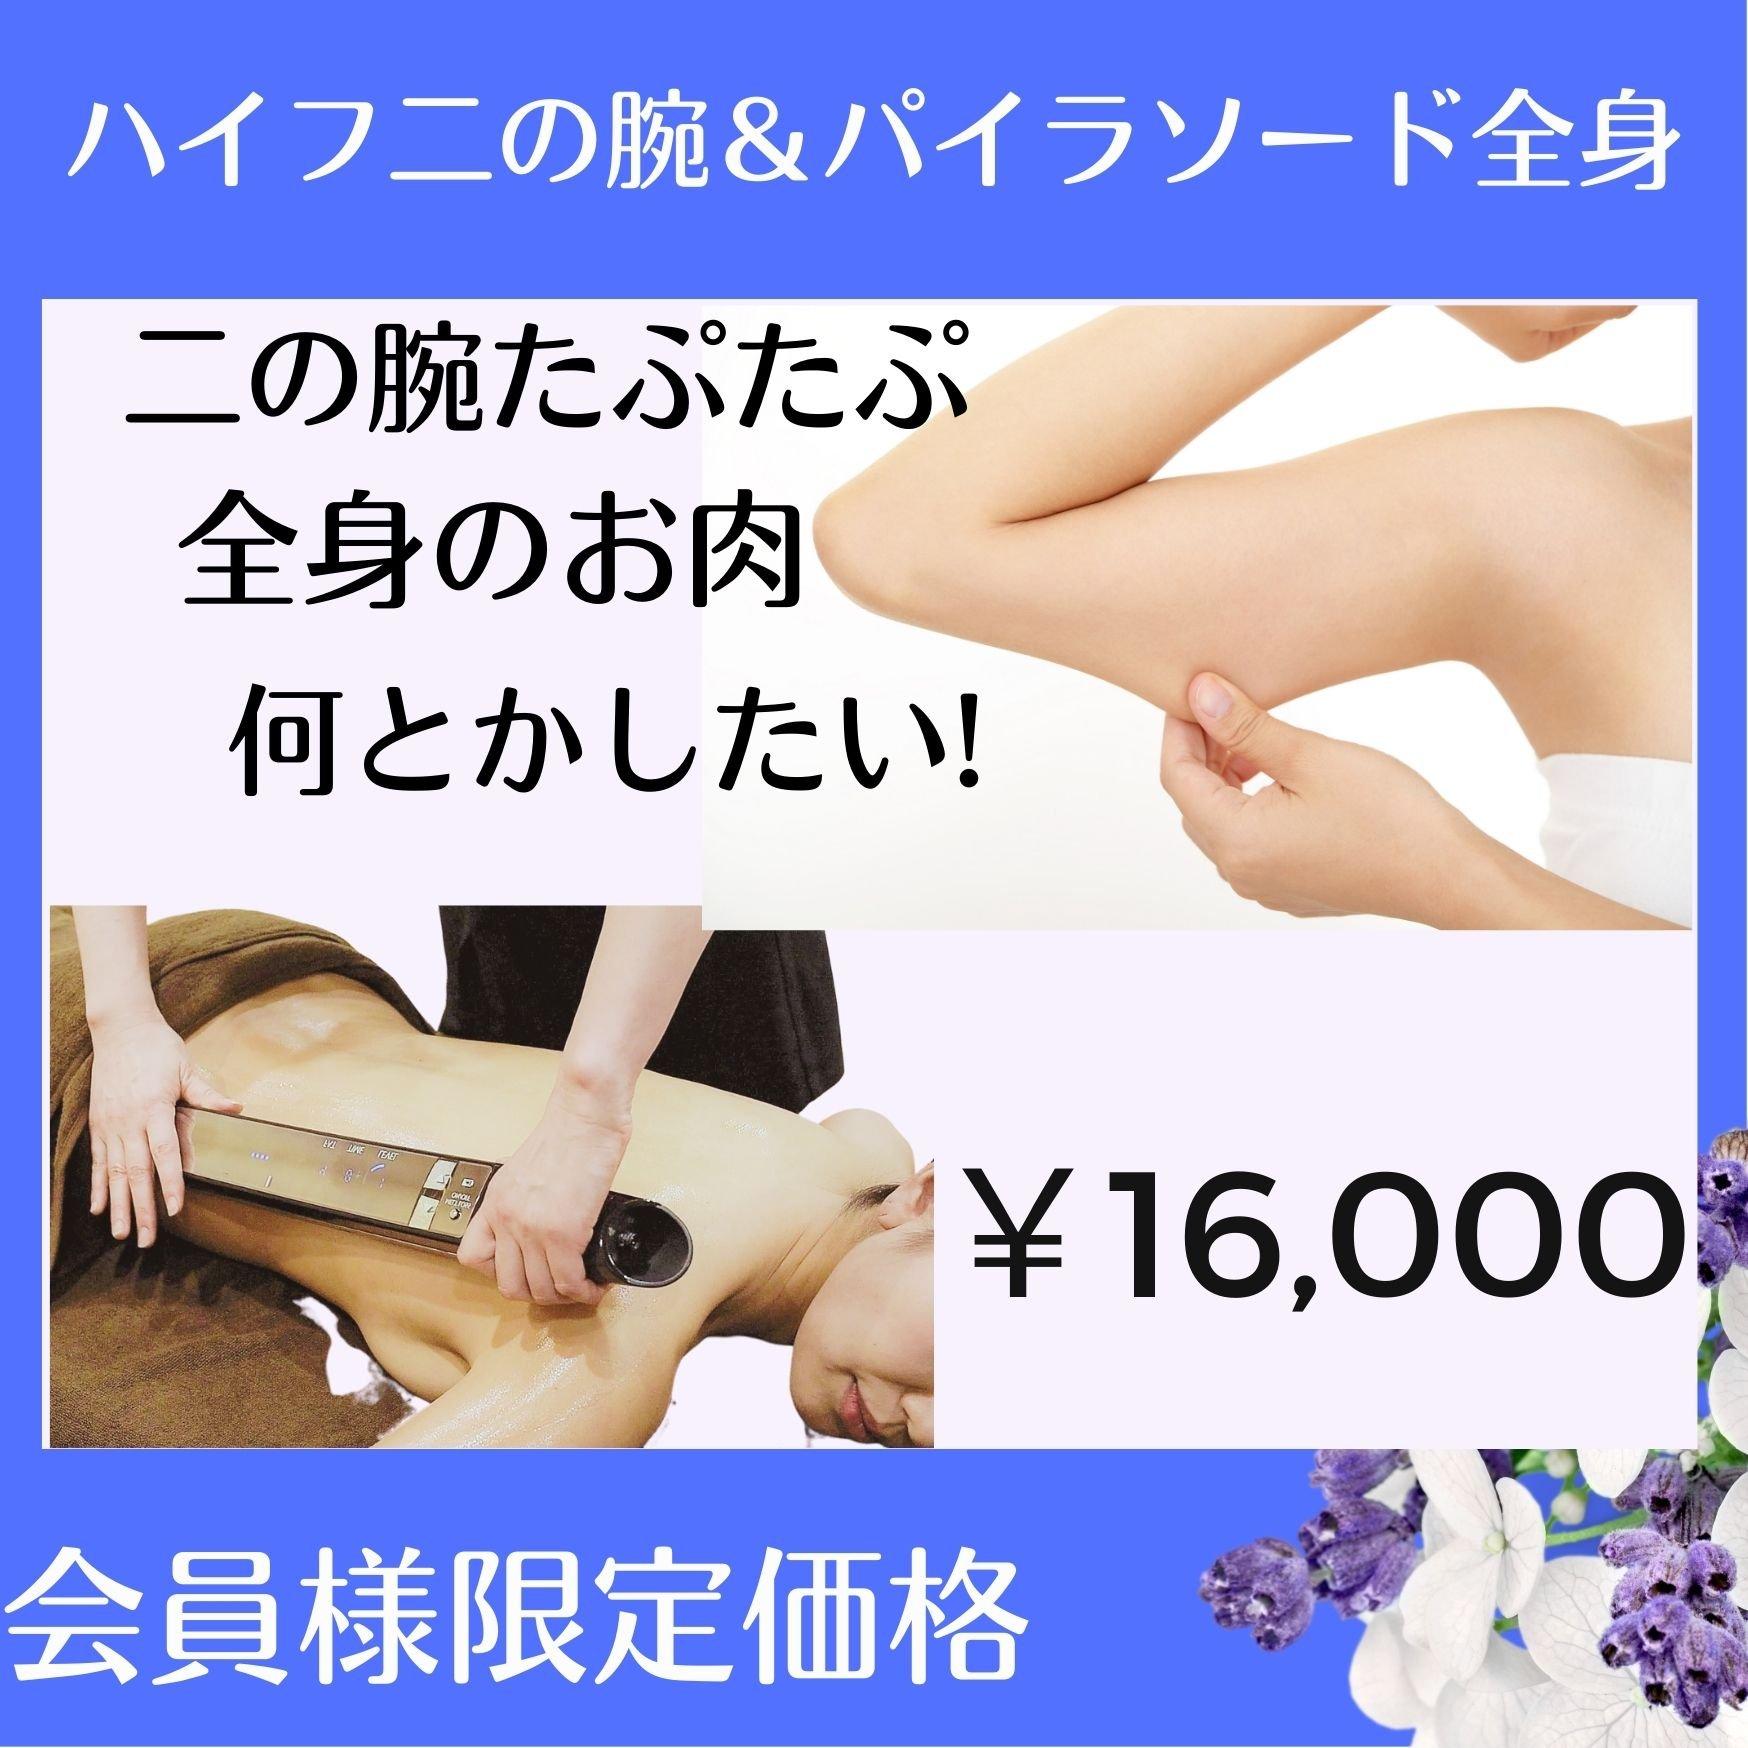 【会員様限定¥16000】3Dハイフ二の腕×パイラソード全身ダイエットのイメージその1